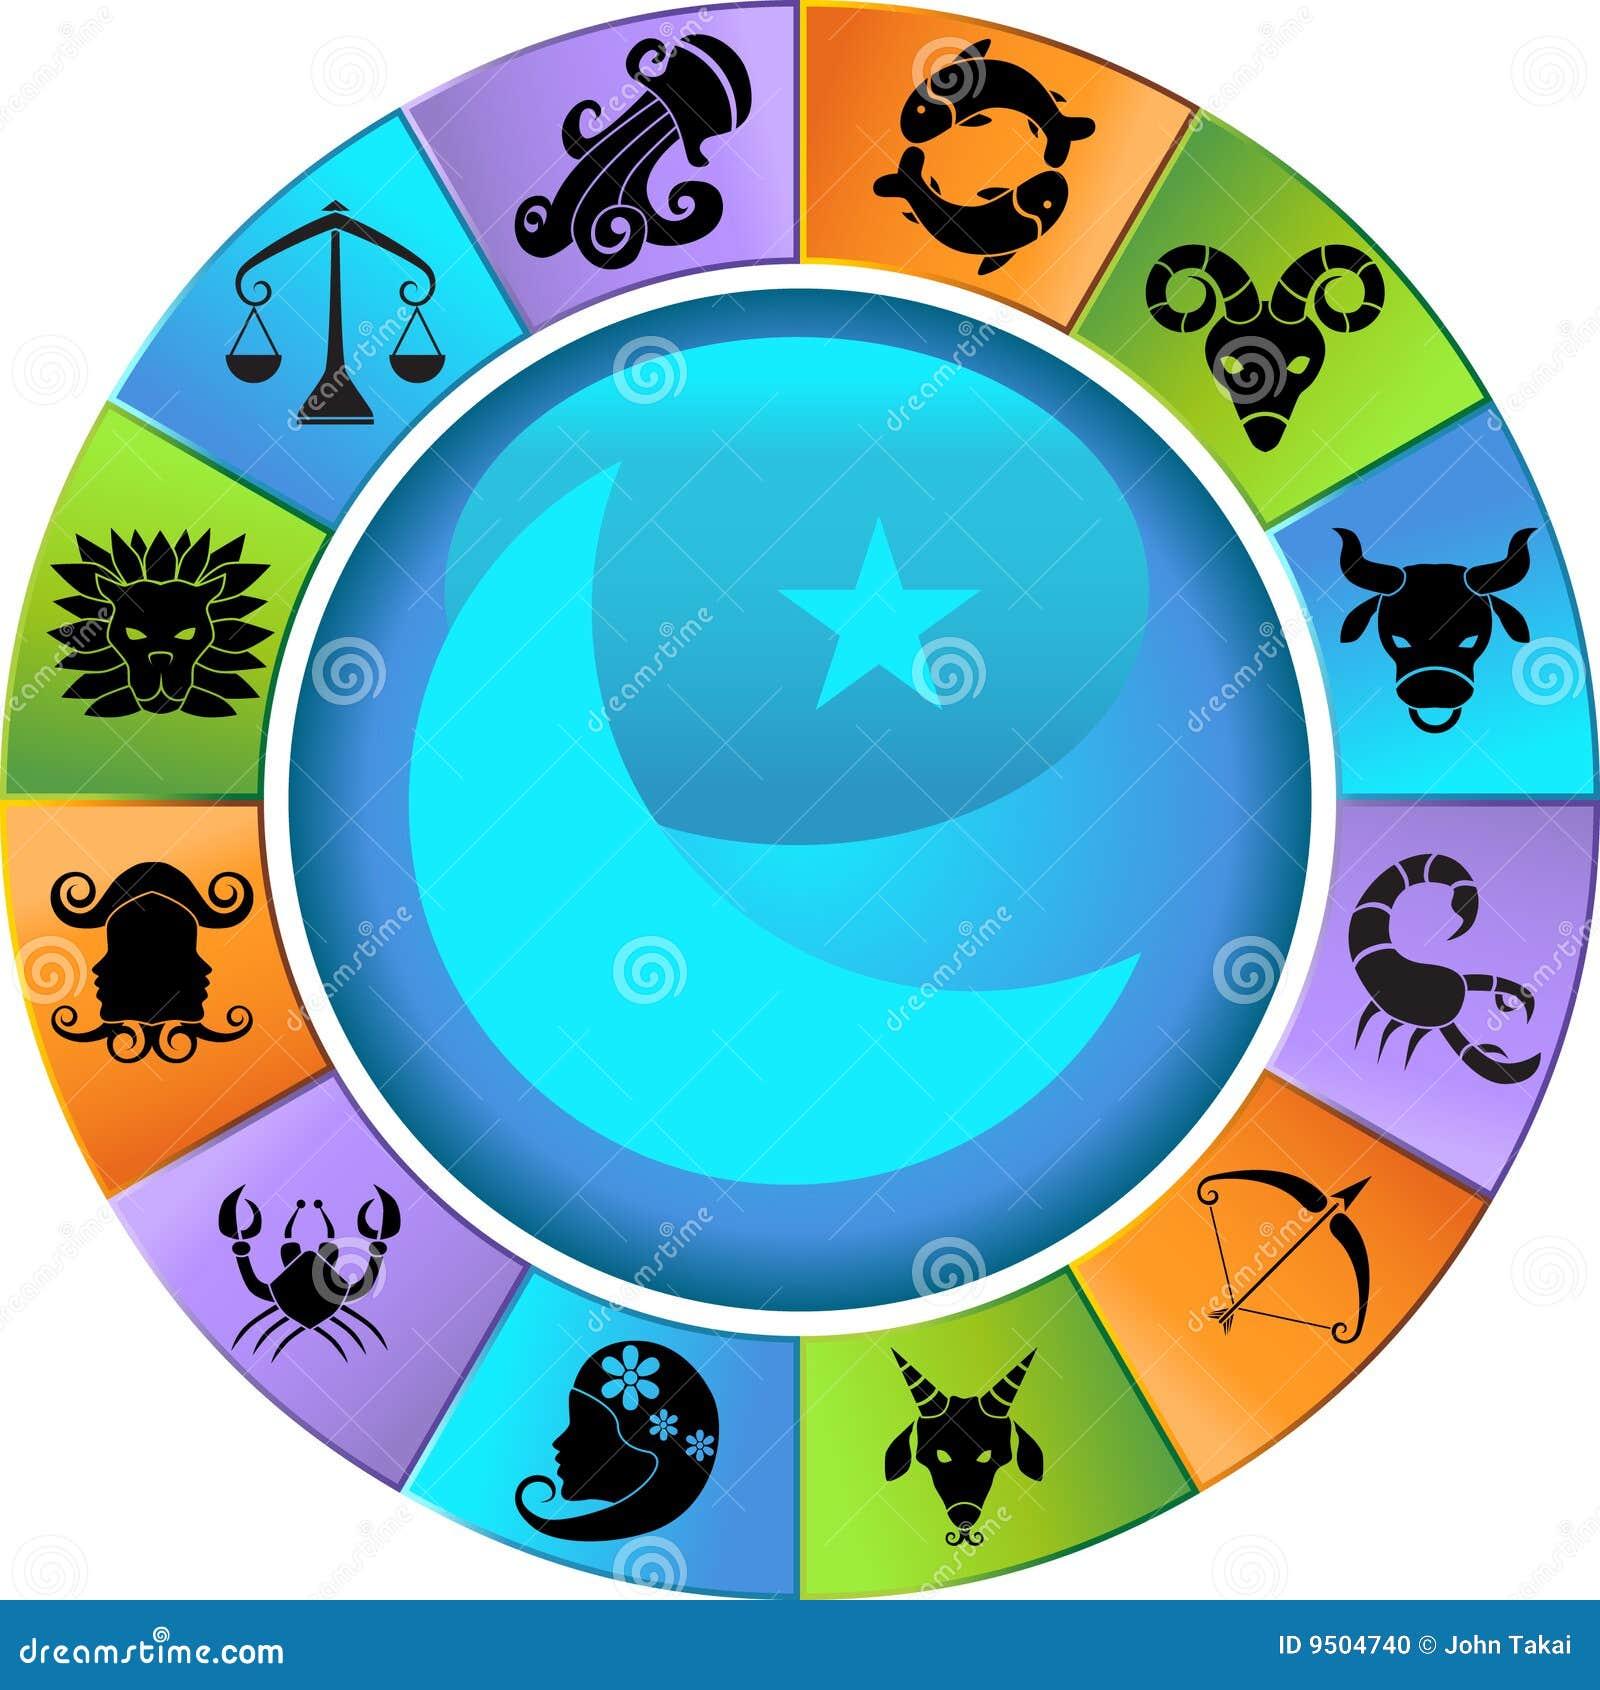 ===Tu horoscopo lo dice todo=== - Página 4 Zodiac-horoscope-wheel-9504740